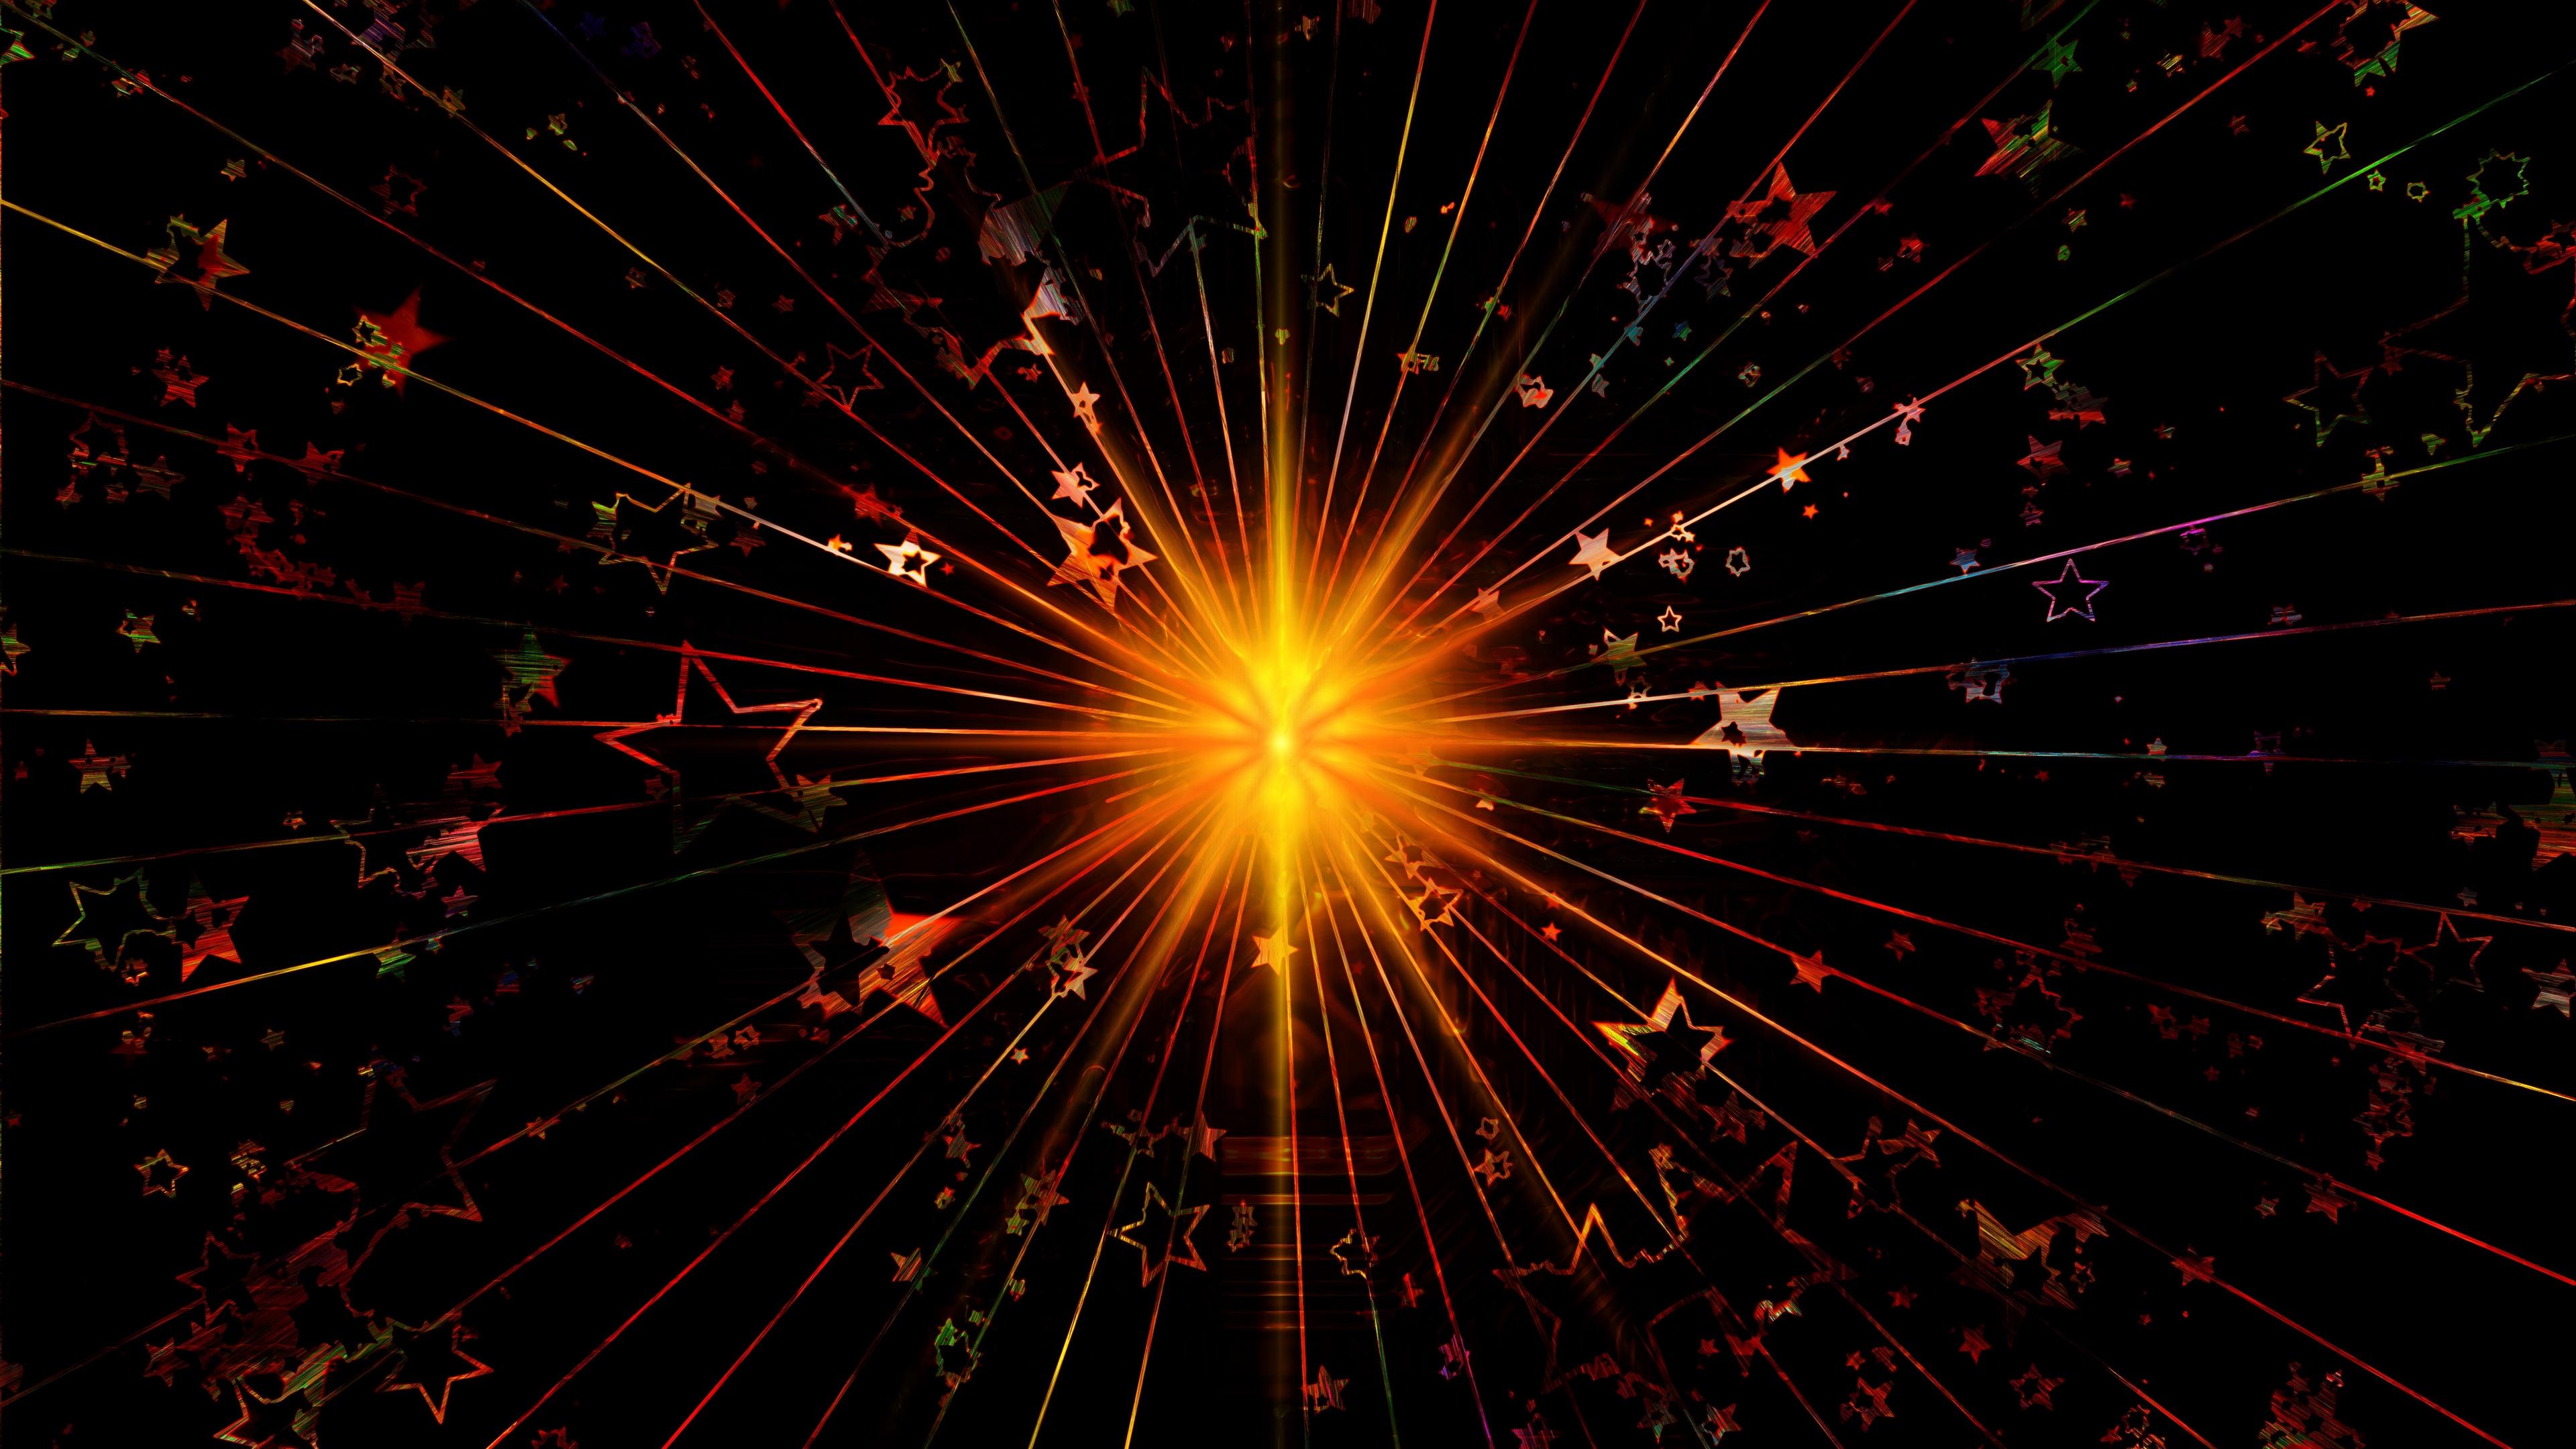 shine abstract stars 4k 1539369639 - shine, abstract, stars 4k - Stars, Shine, abstract